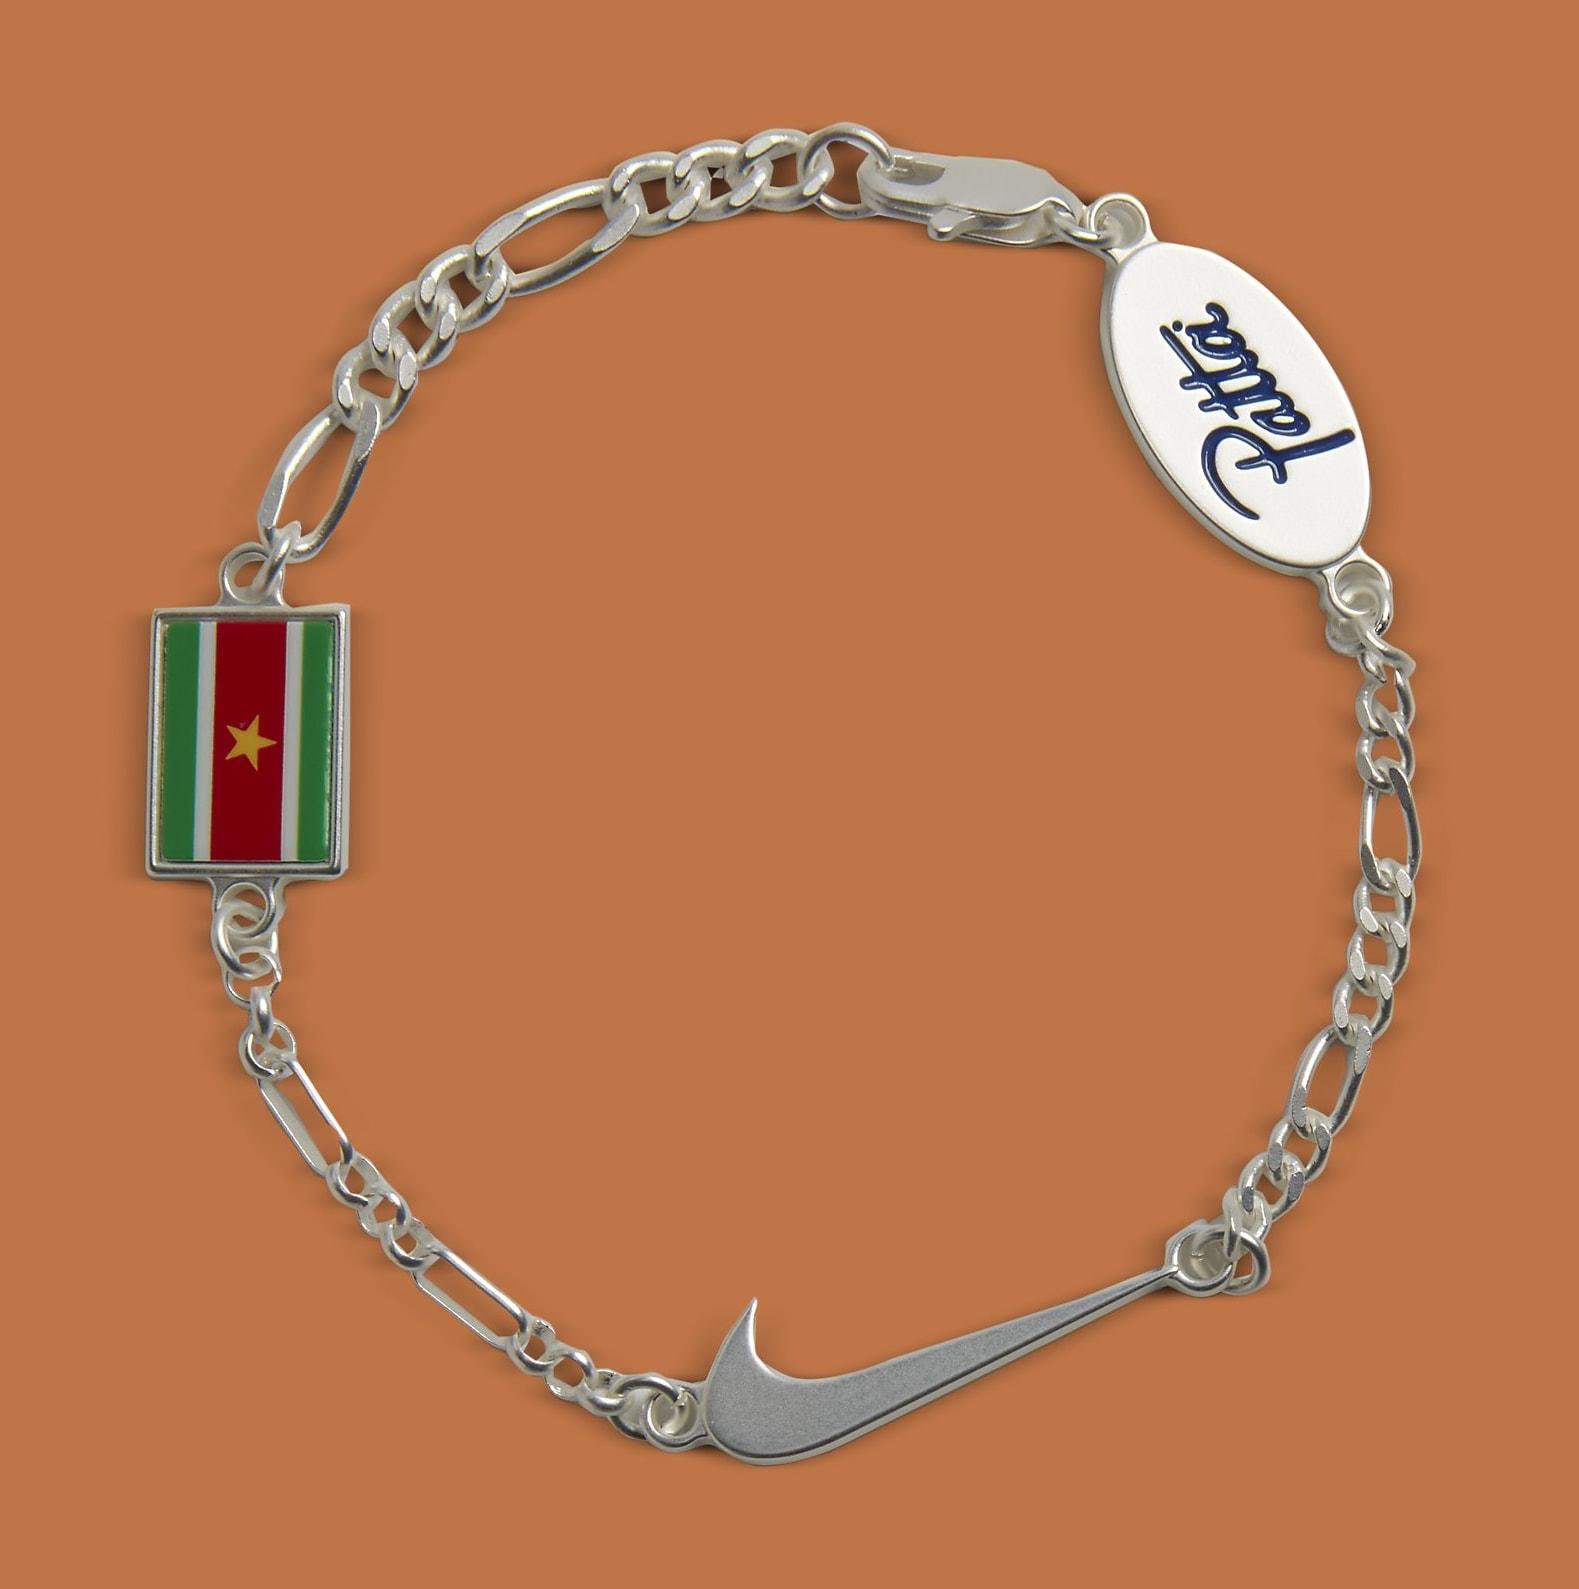 Patta x Nike Air Max 1 'Monarch' DH1348-001 Bracelet